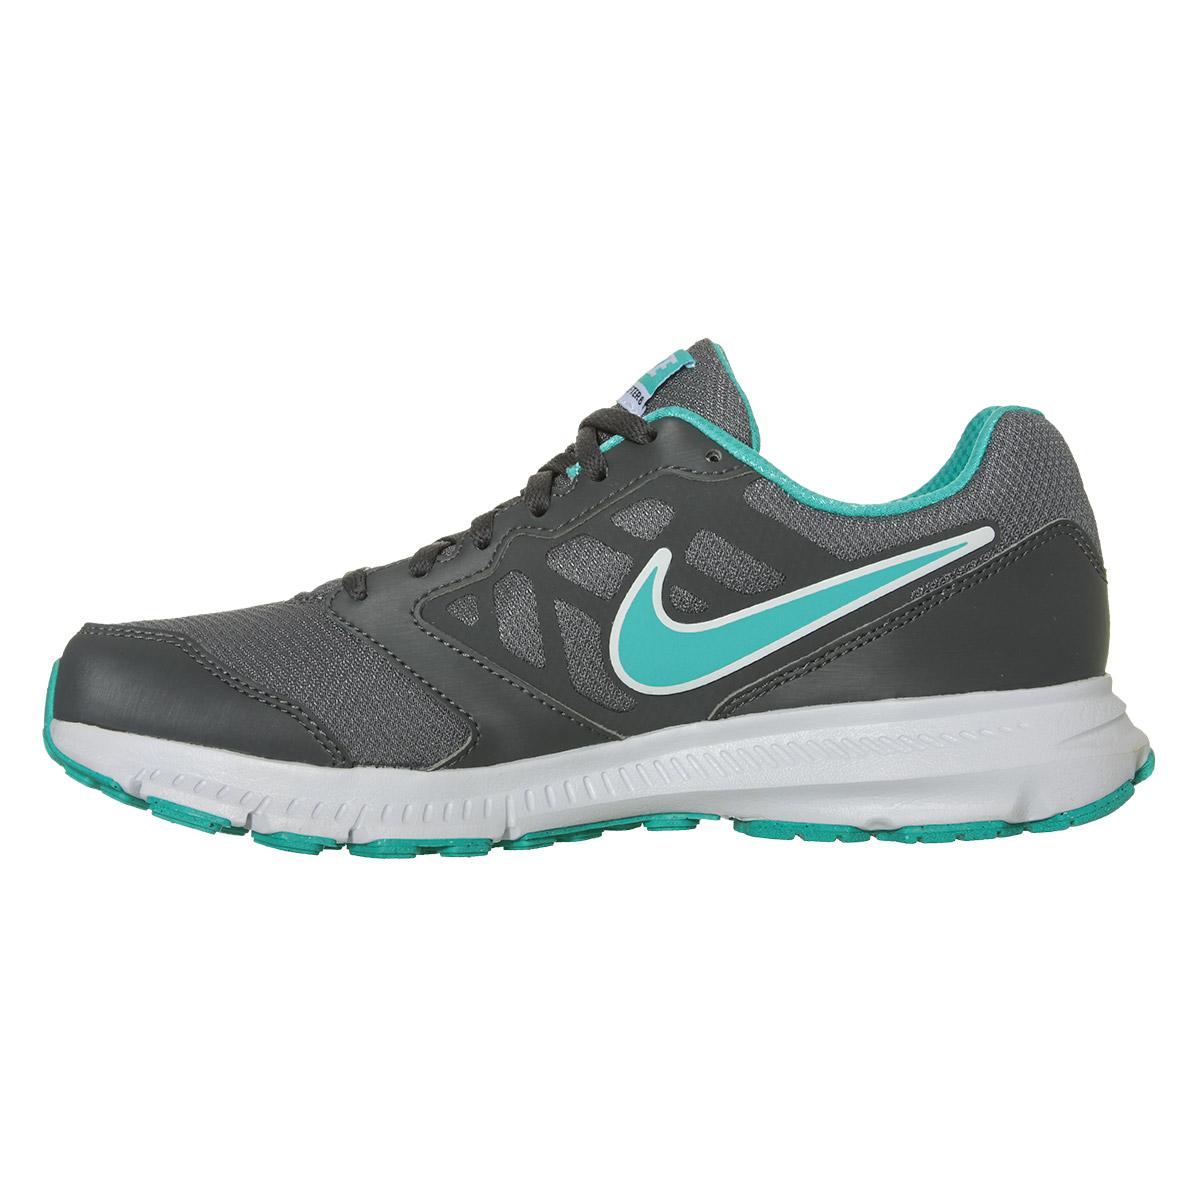 Zapatillas Nike Grises Y Verdes